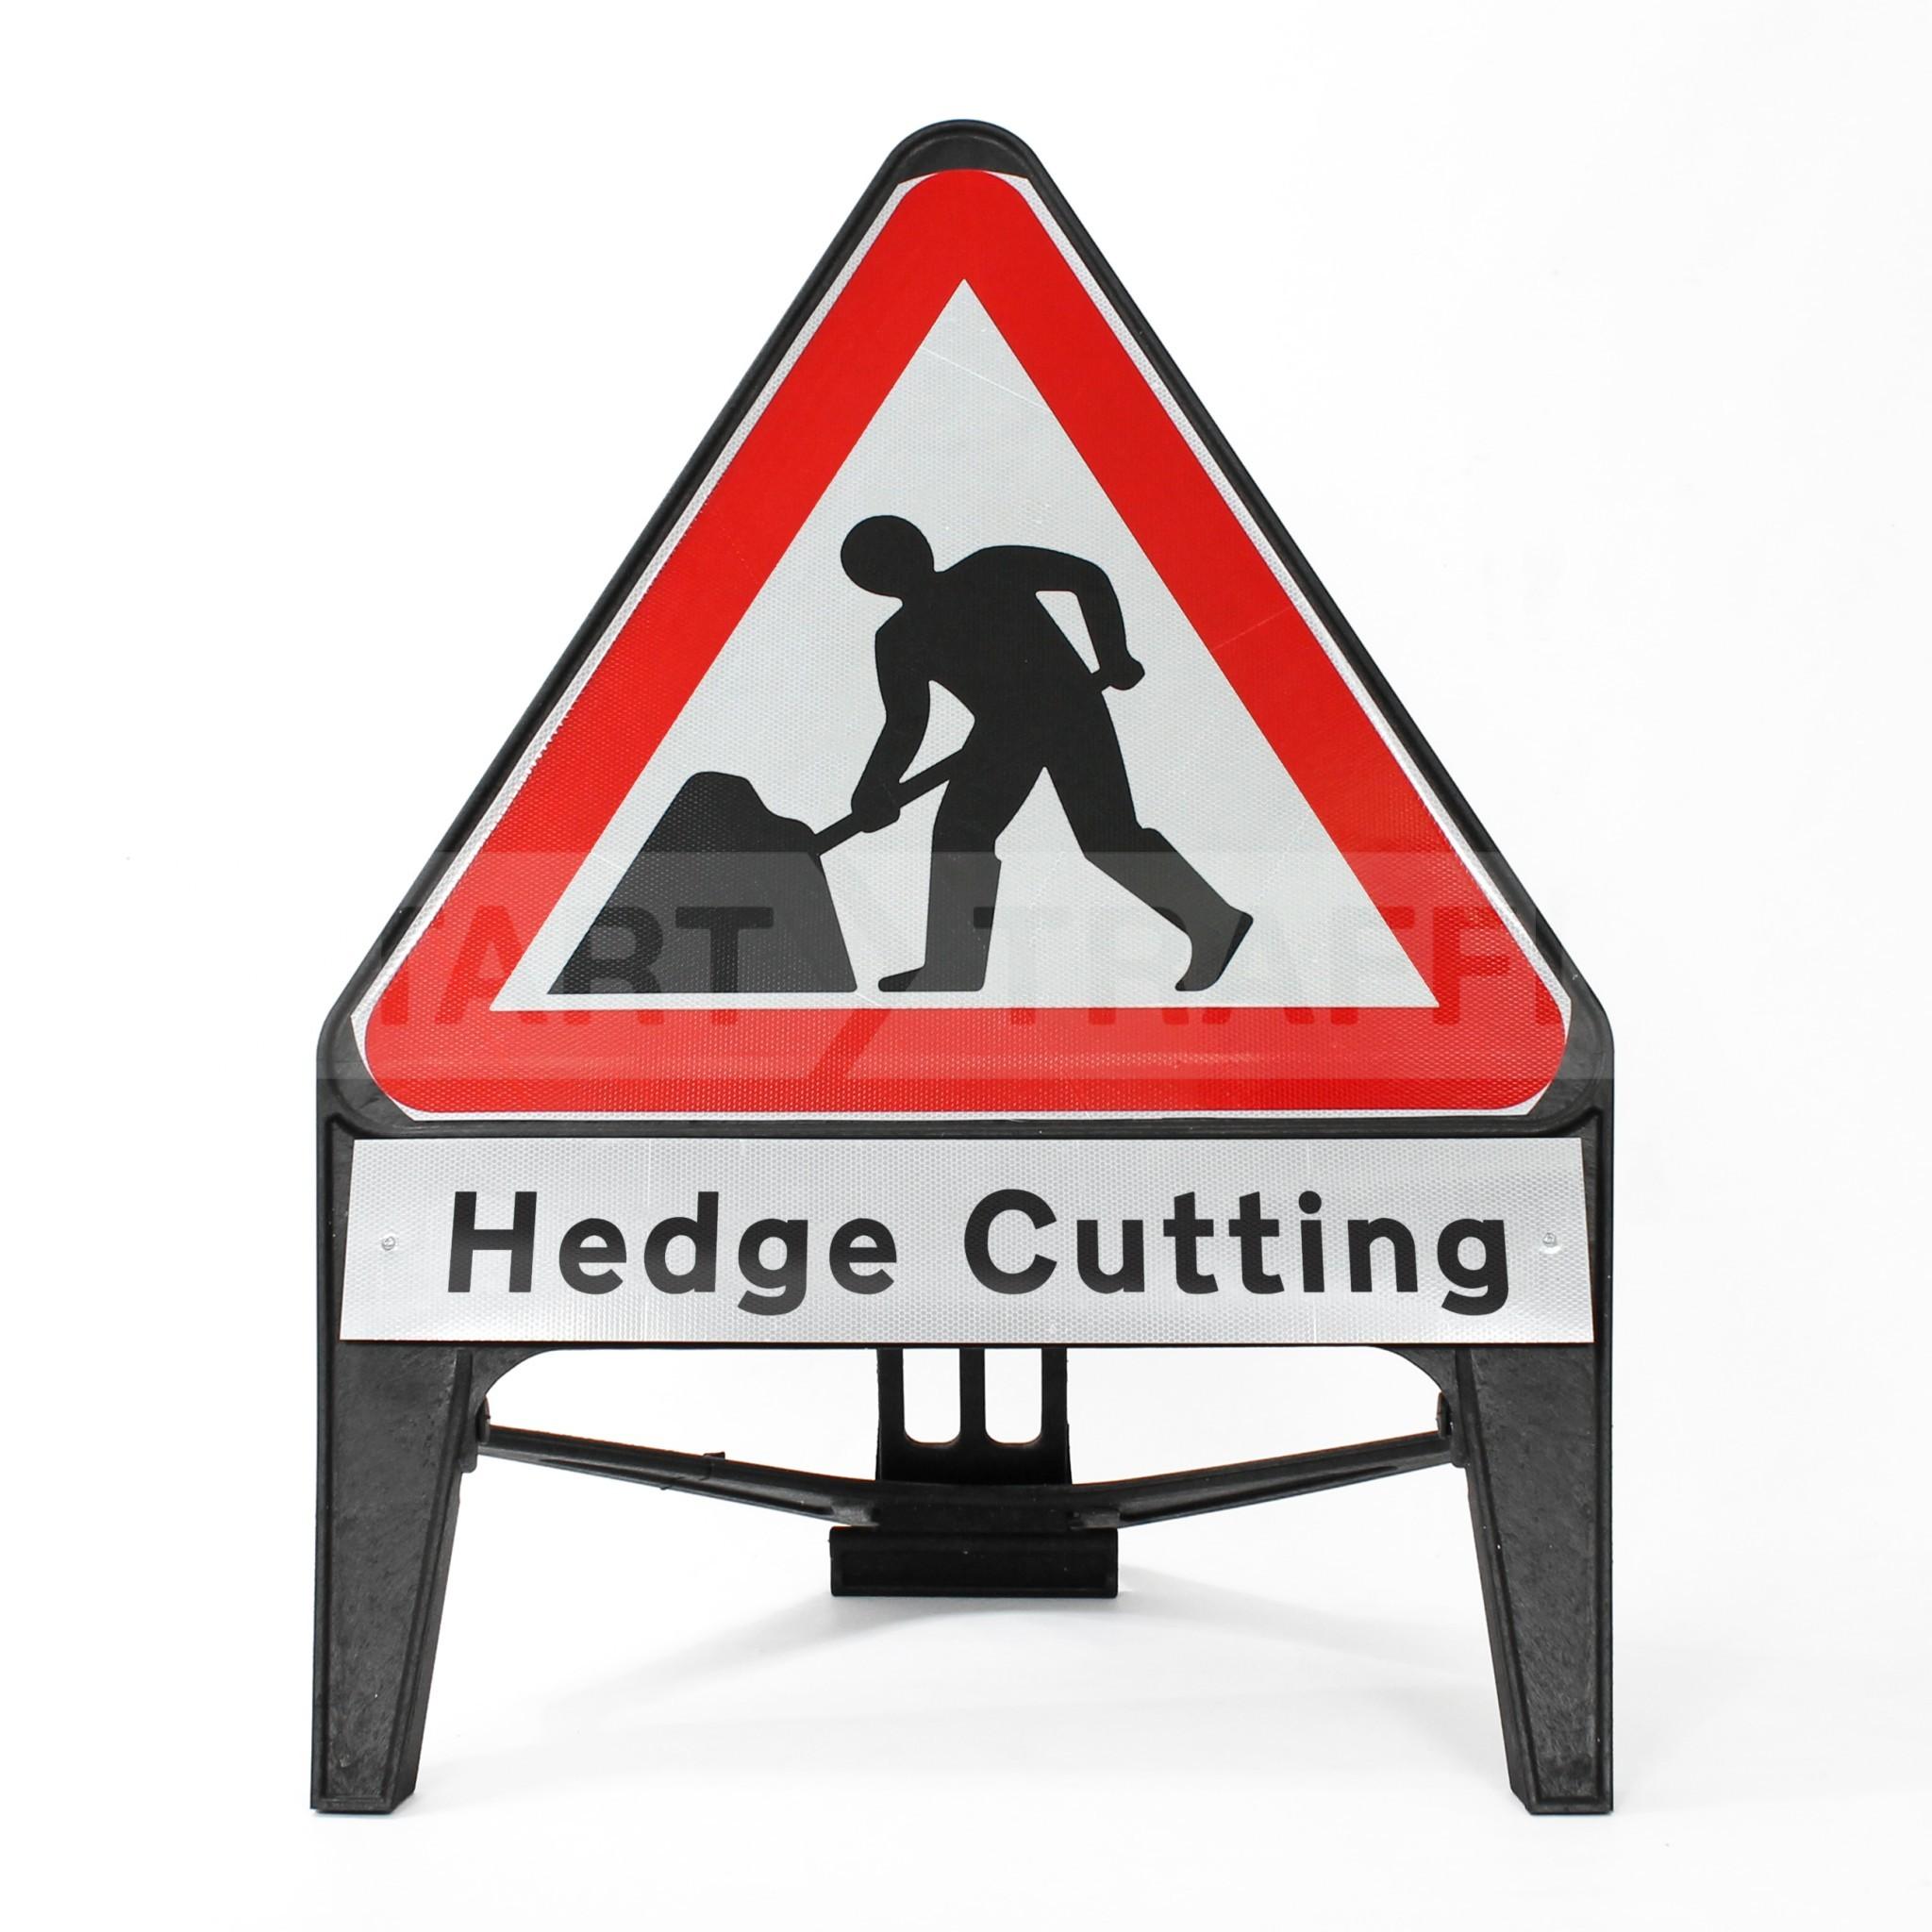 hedge-cutting-q-sign